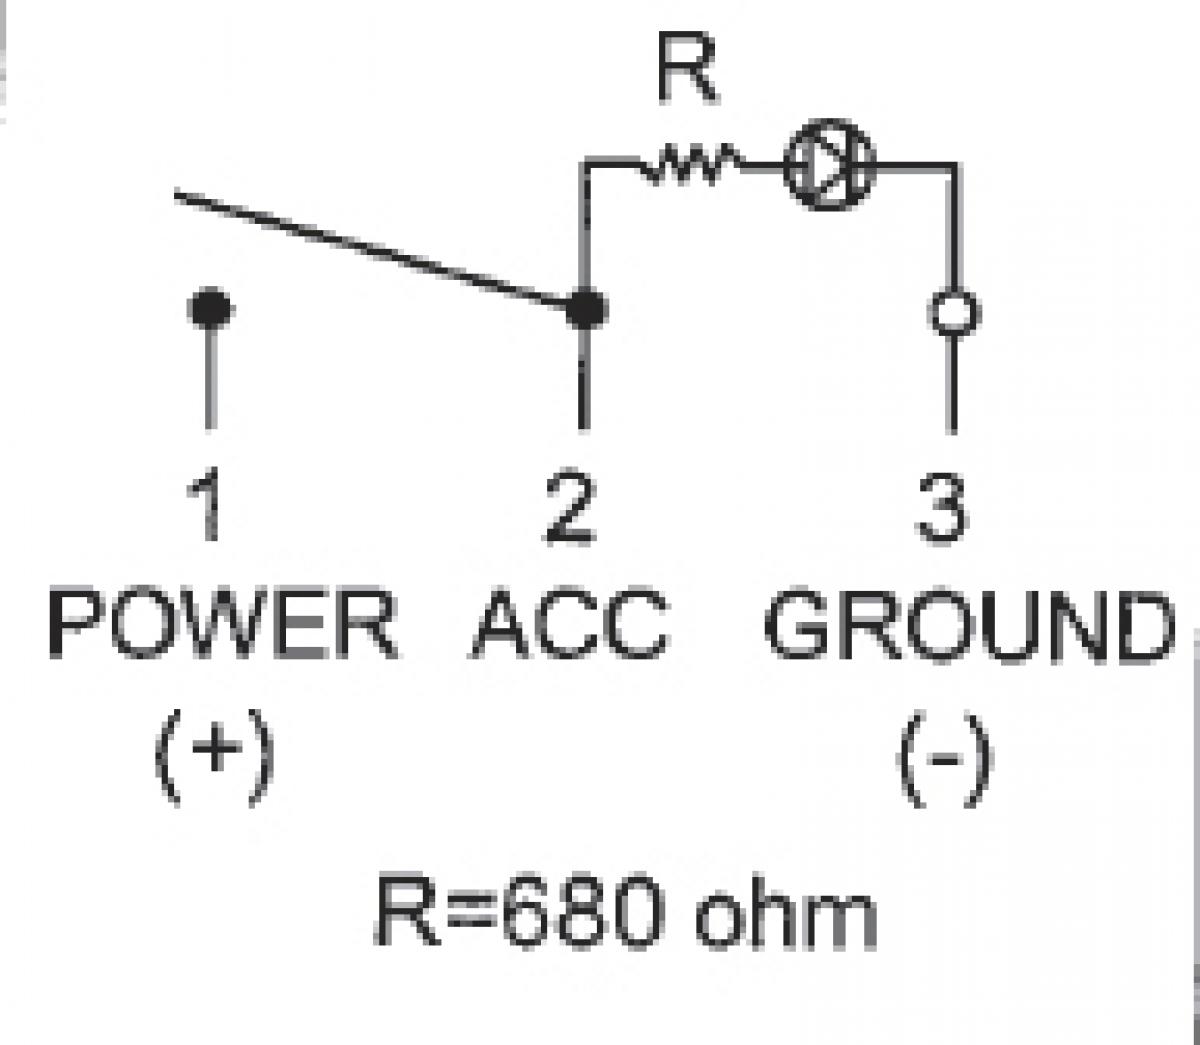 Wippenschalter schwarz inkl roter Kontrolleuchte OFF - ON für 12V DC ...